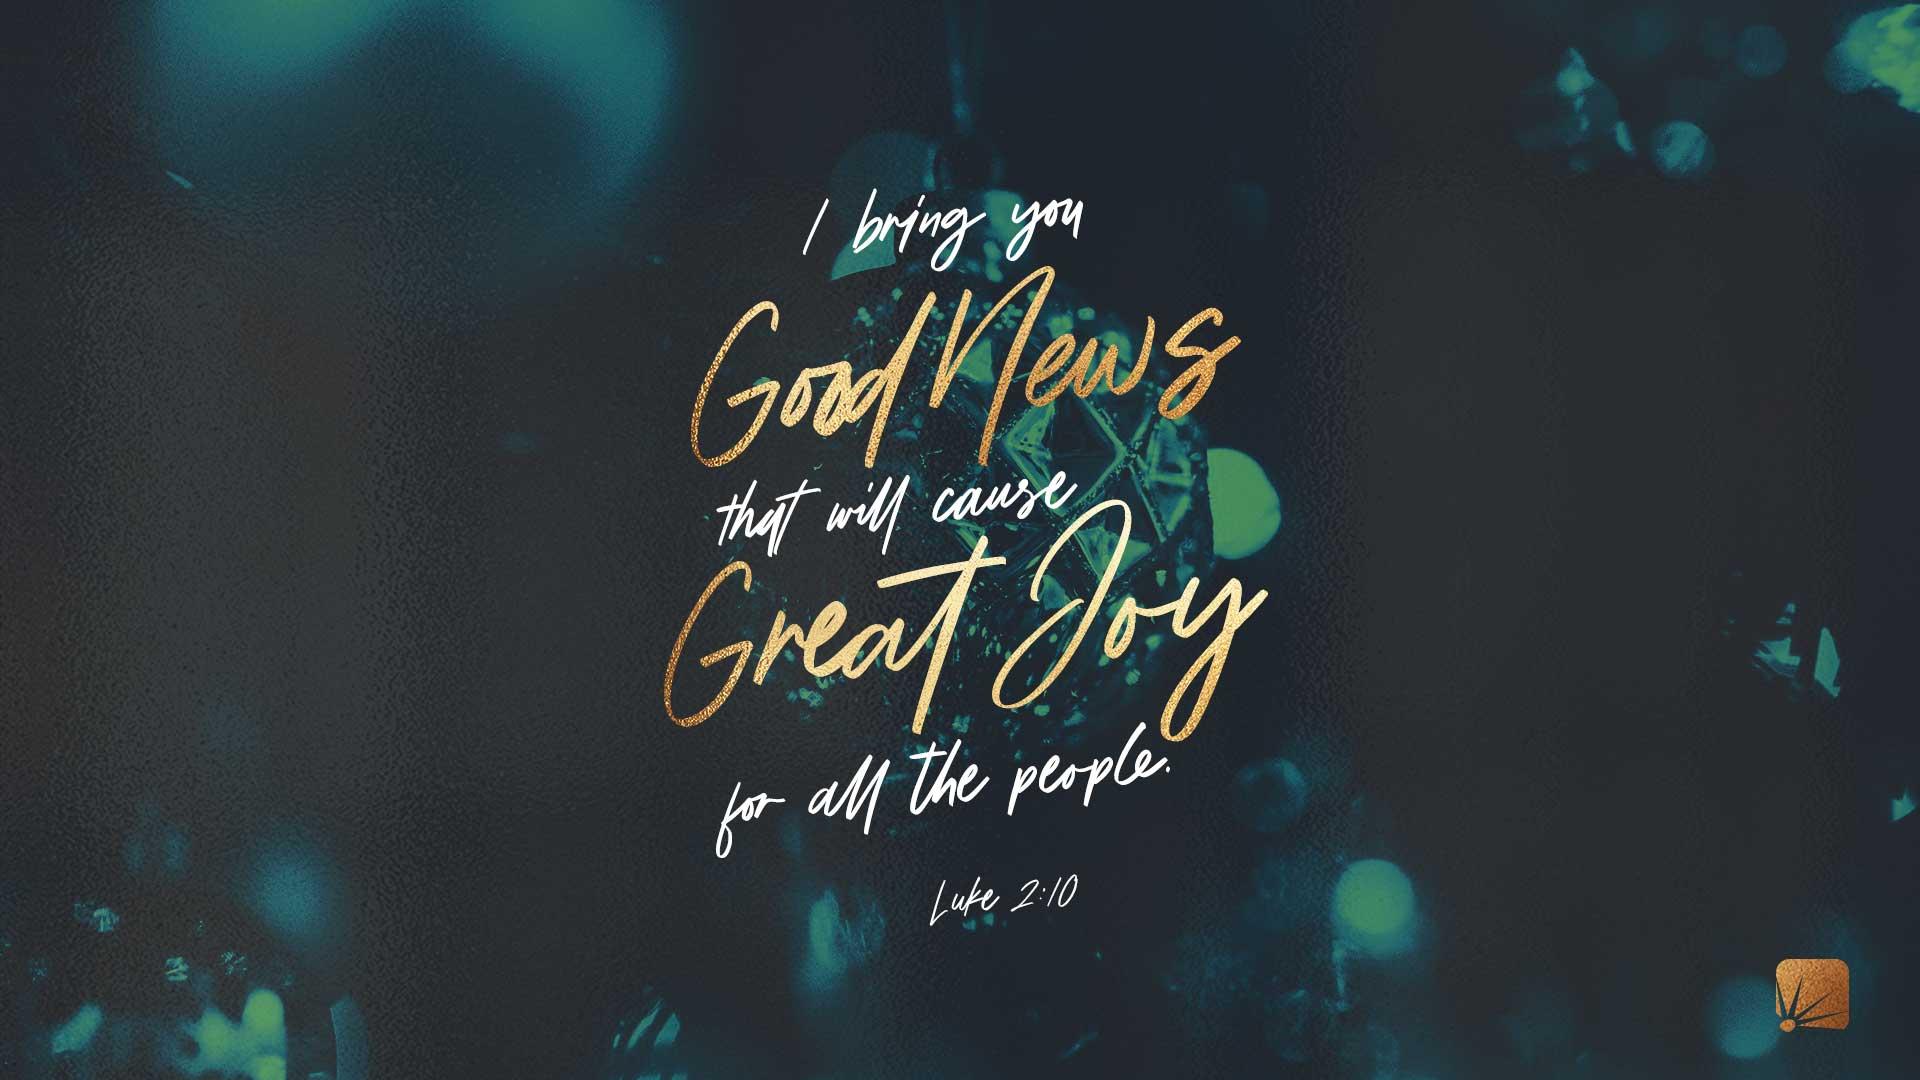 Les traigo buenas noticias que causarán gran alegría a todo el pueblo. (Lucas 2:10, NVI)